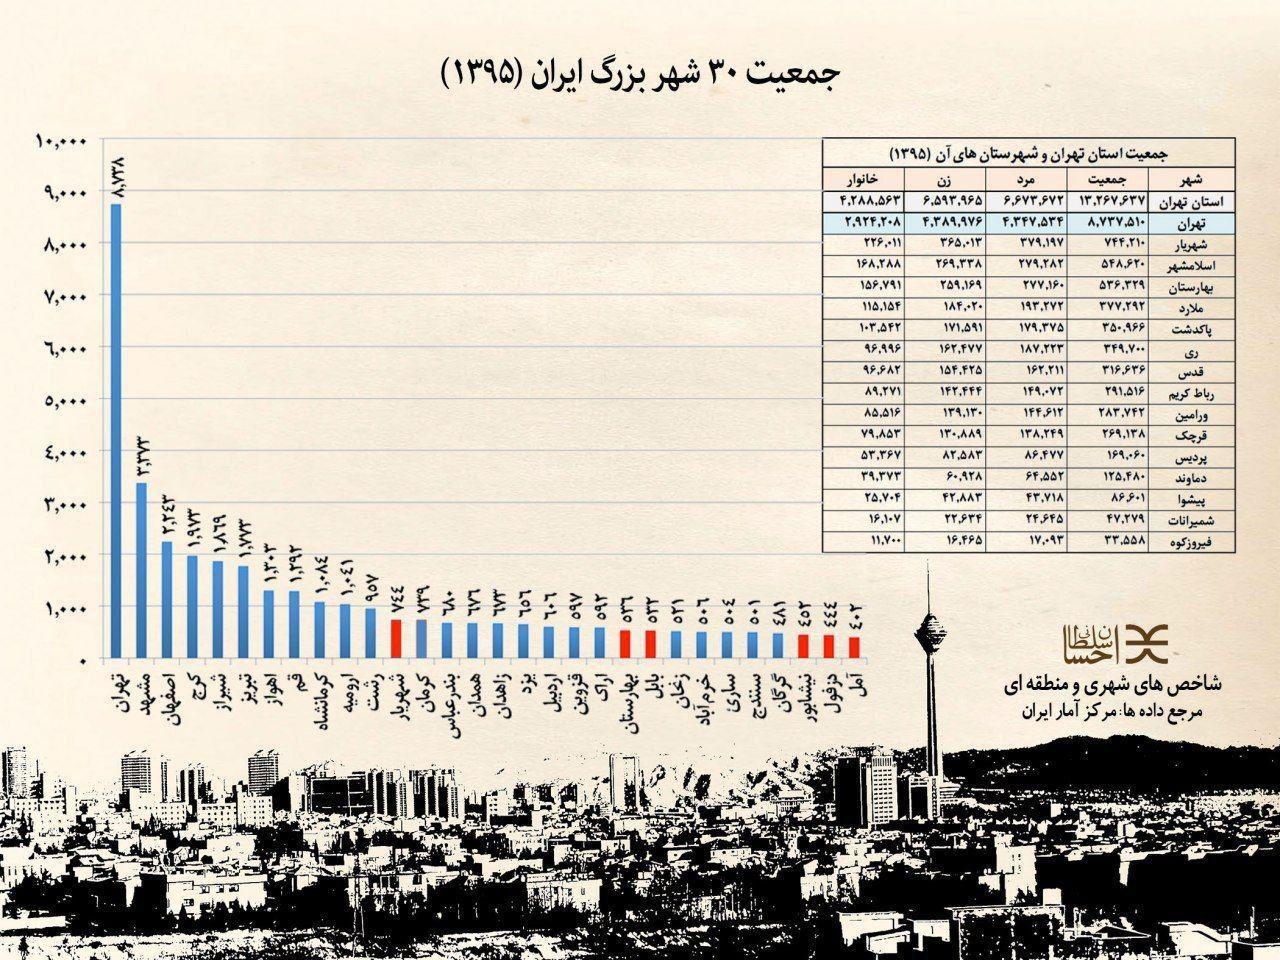 جمعیت استان قزوین در سال 1395 اینفوگرافیک: جمعیت ۳۰ شهر بزرگ ایران - تابناک | TABNAK